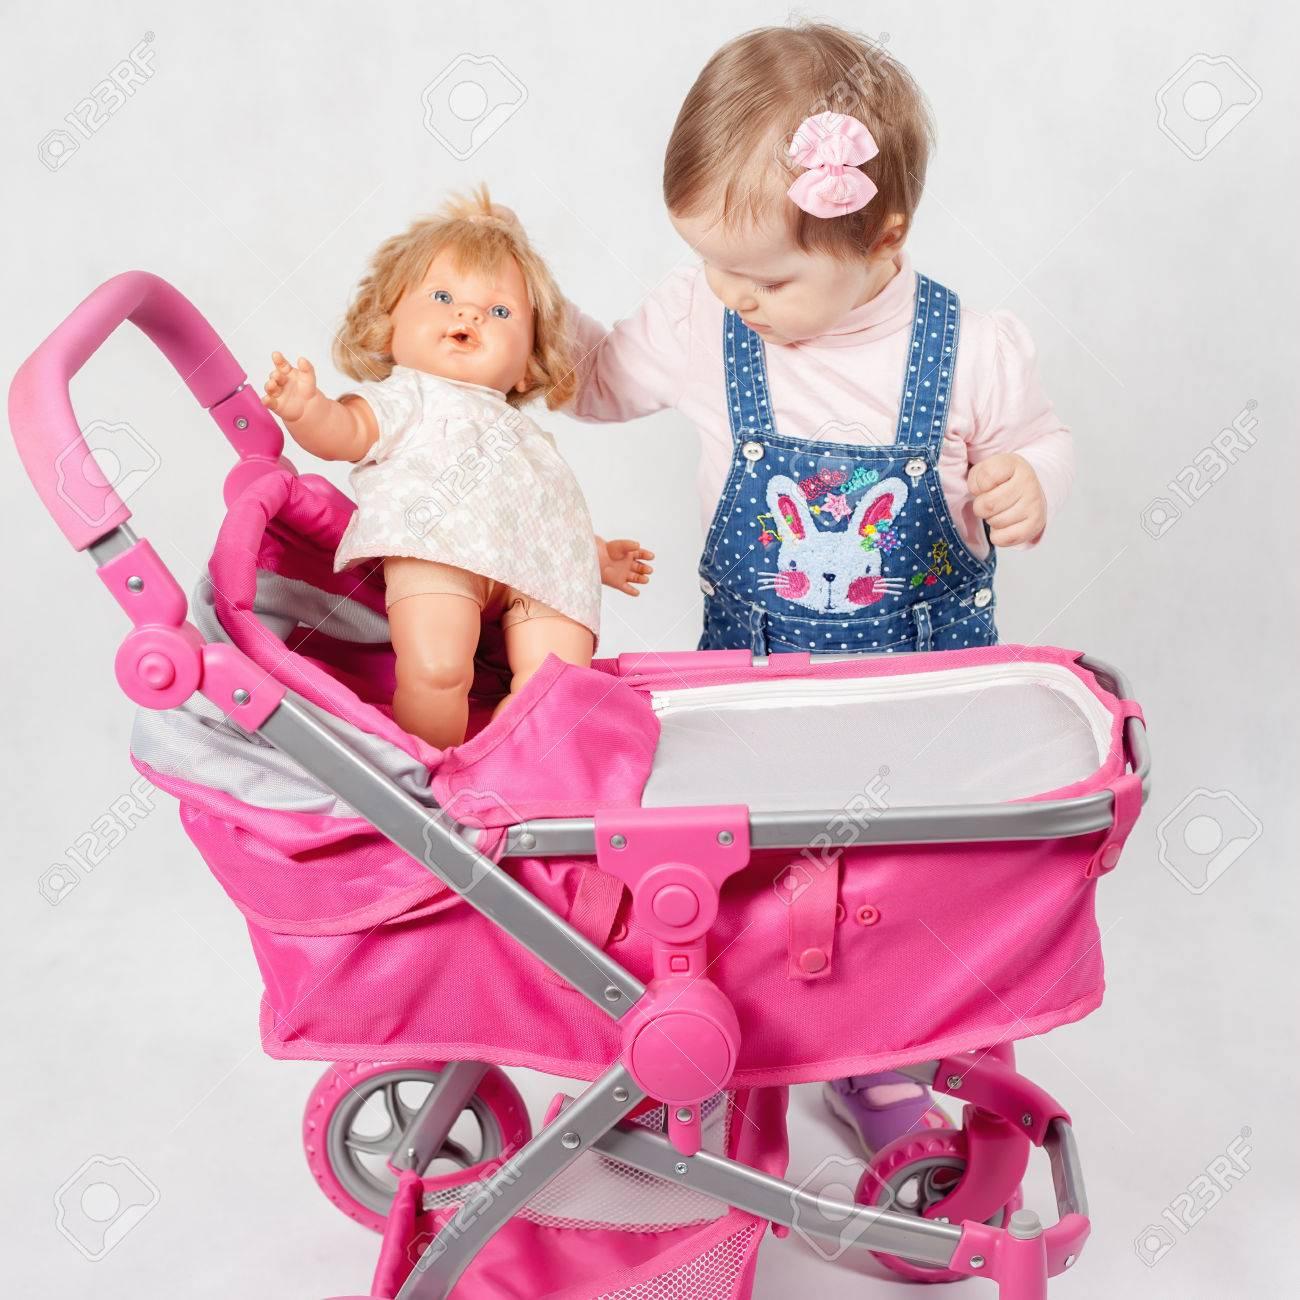 buy popular half price buy good Mignonne petite fille jouant avec la poupée et la poussette de bébé.  Landau. Magasin du monde des enfants. Vêtements pour enfants